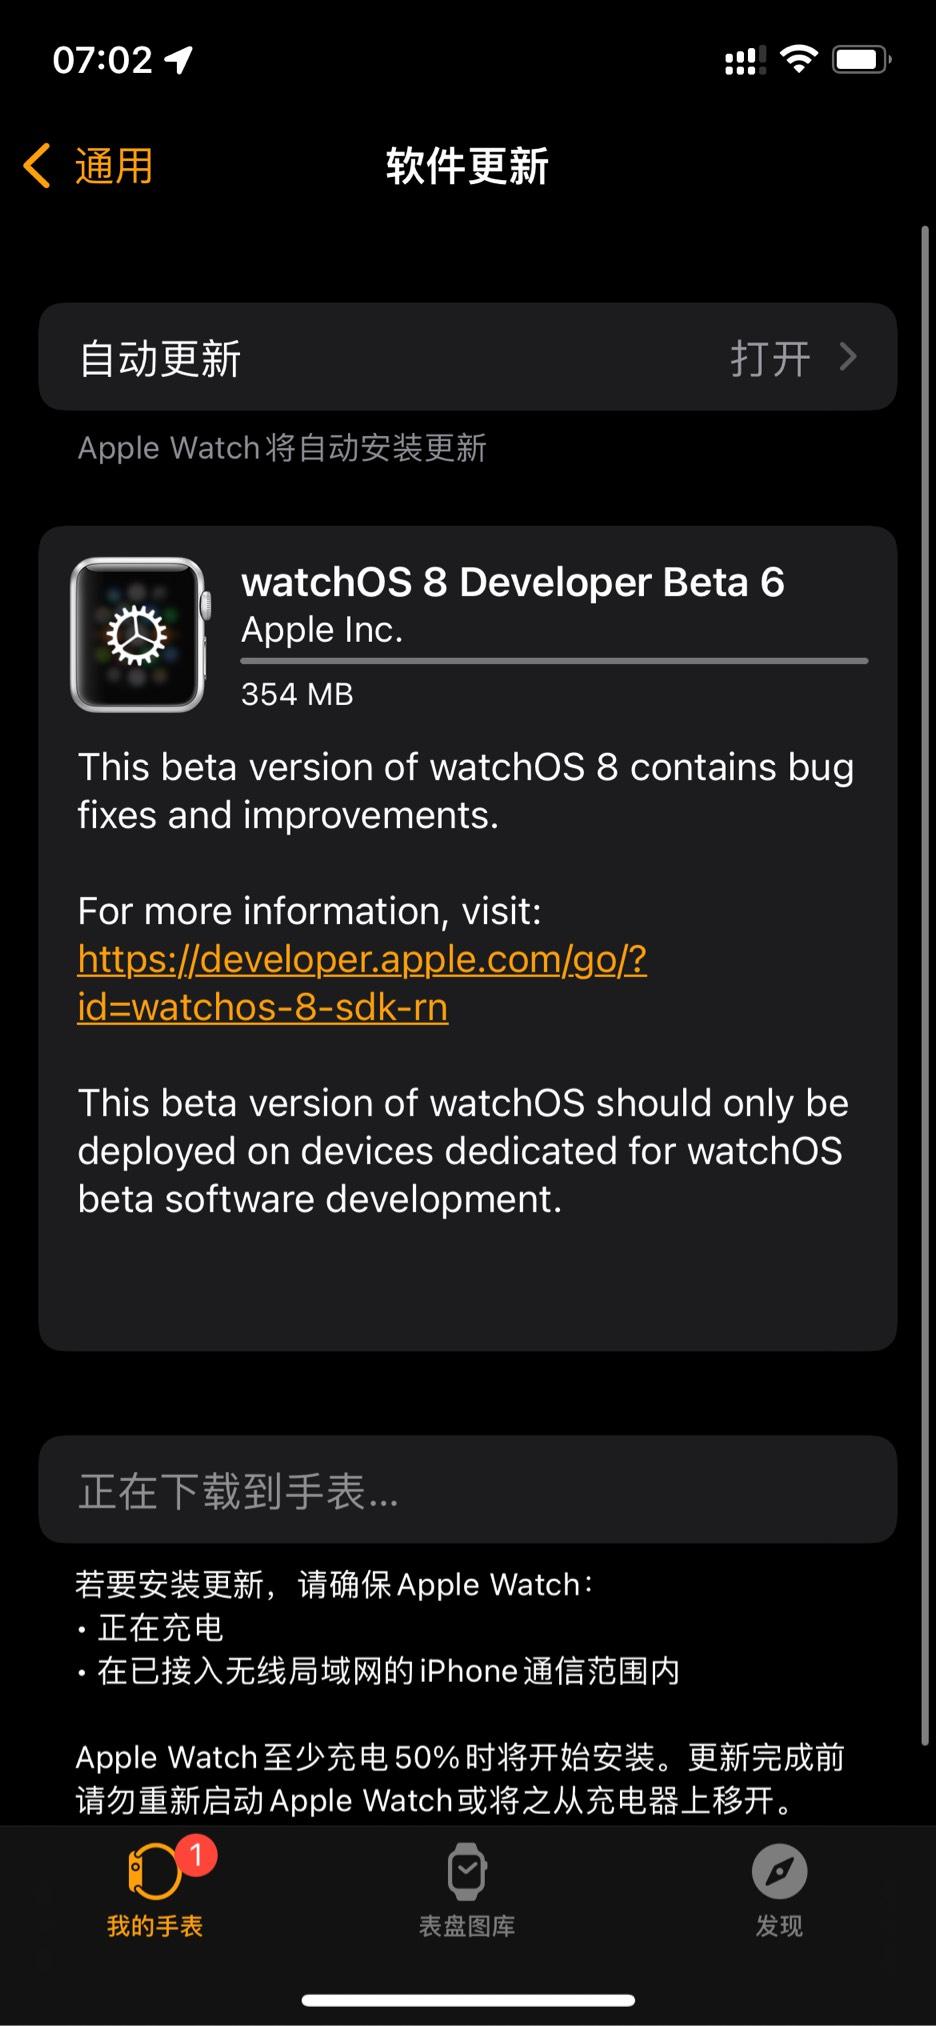 苹果发布 watchOS 8 开发者预览版 Beta 6